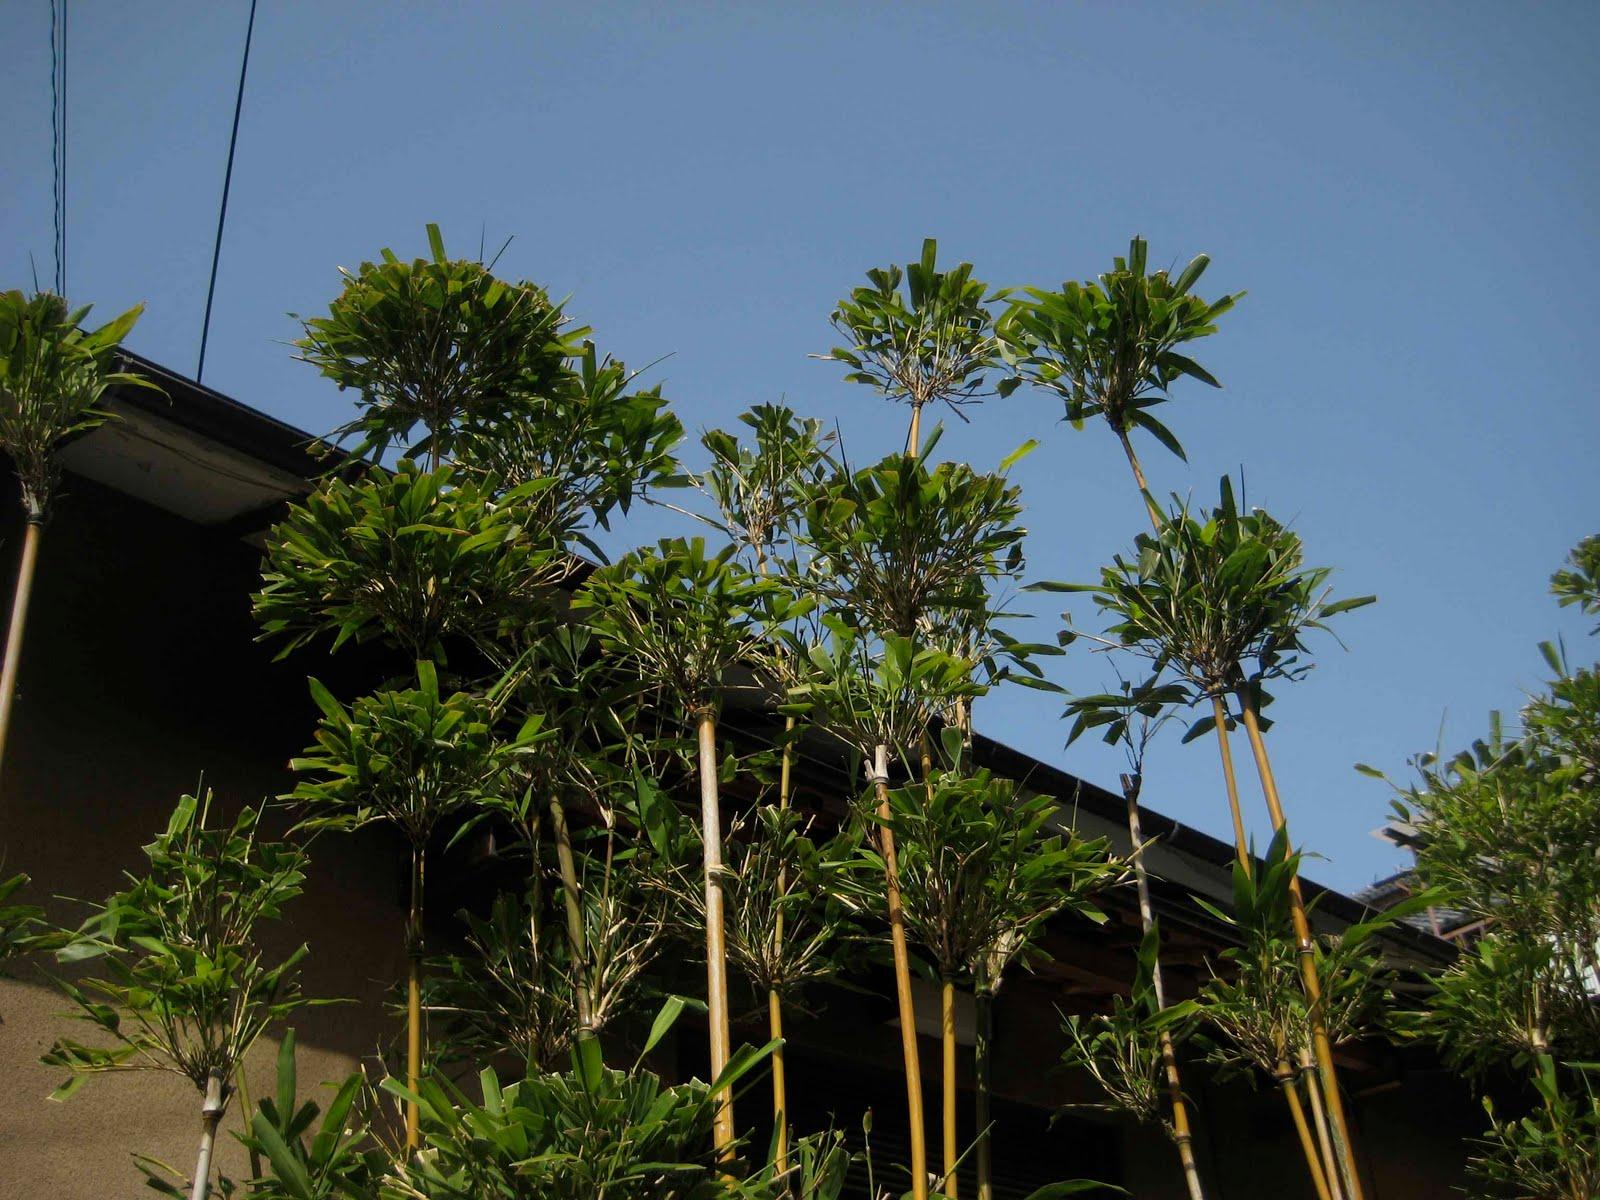 Chronique du jardin de la patrie la taille du bambou - Jardin de bambou cannes ...